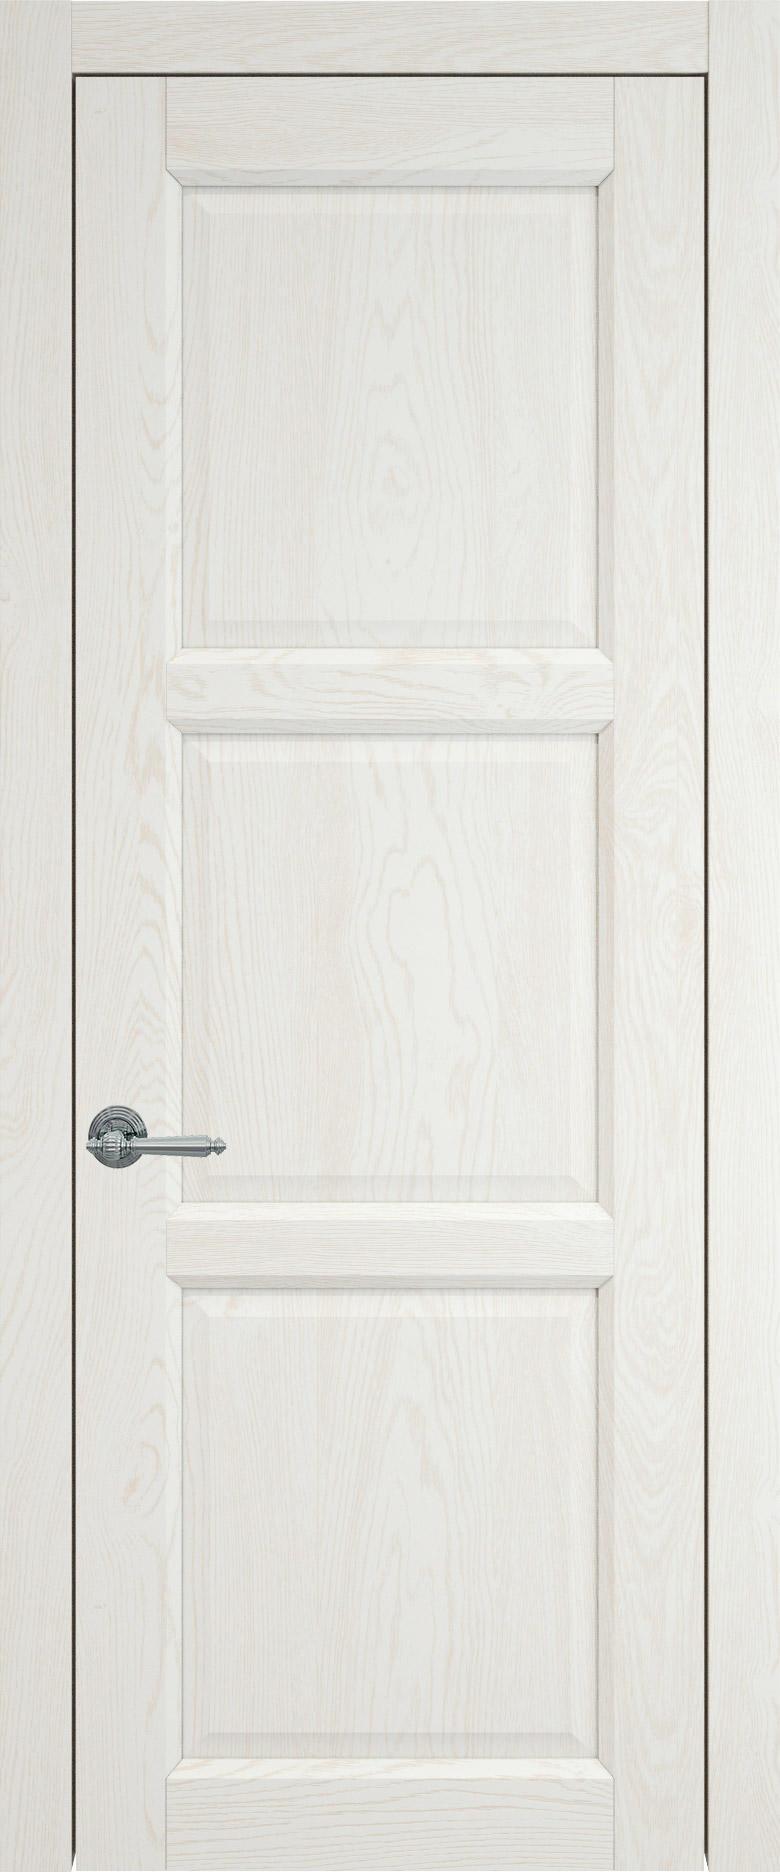 Milano цвет - Белый ясень (nano-flex) Без стекла (ДГ)